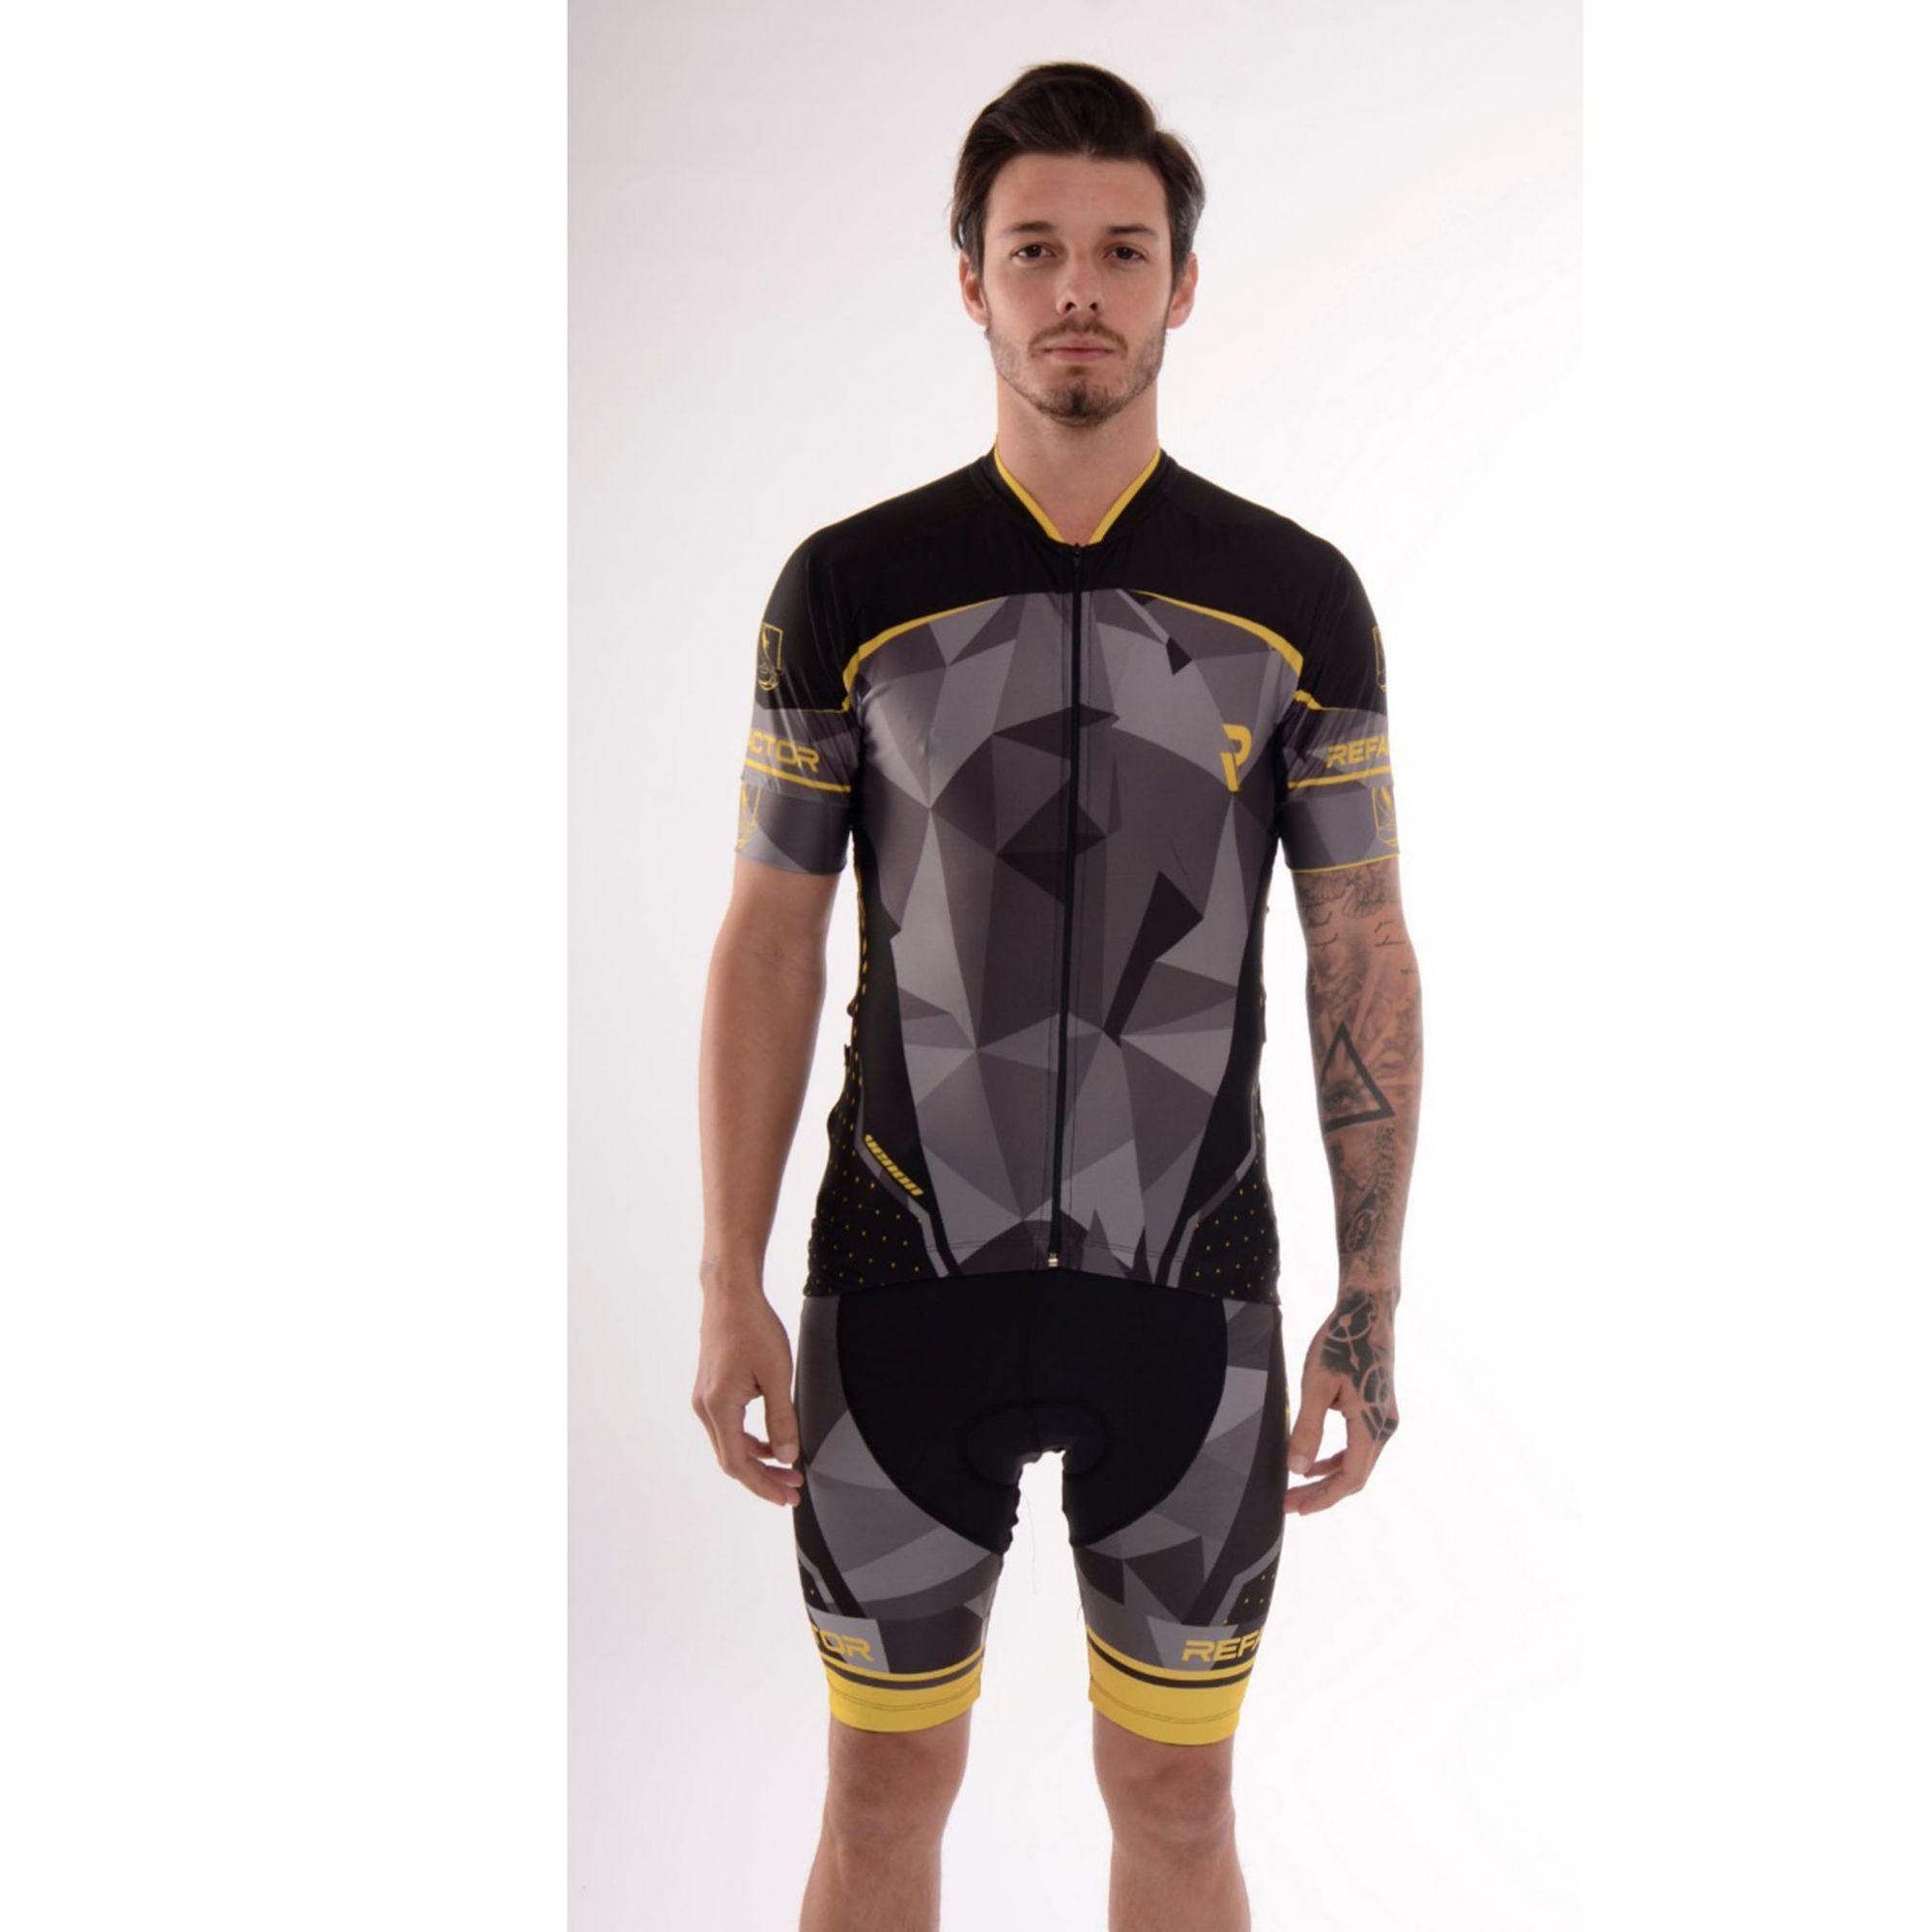 Camisa Ciclismo Venon Preto/Amarelo c/ Proteção UV - Refactor